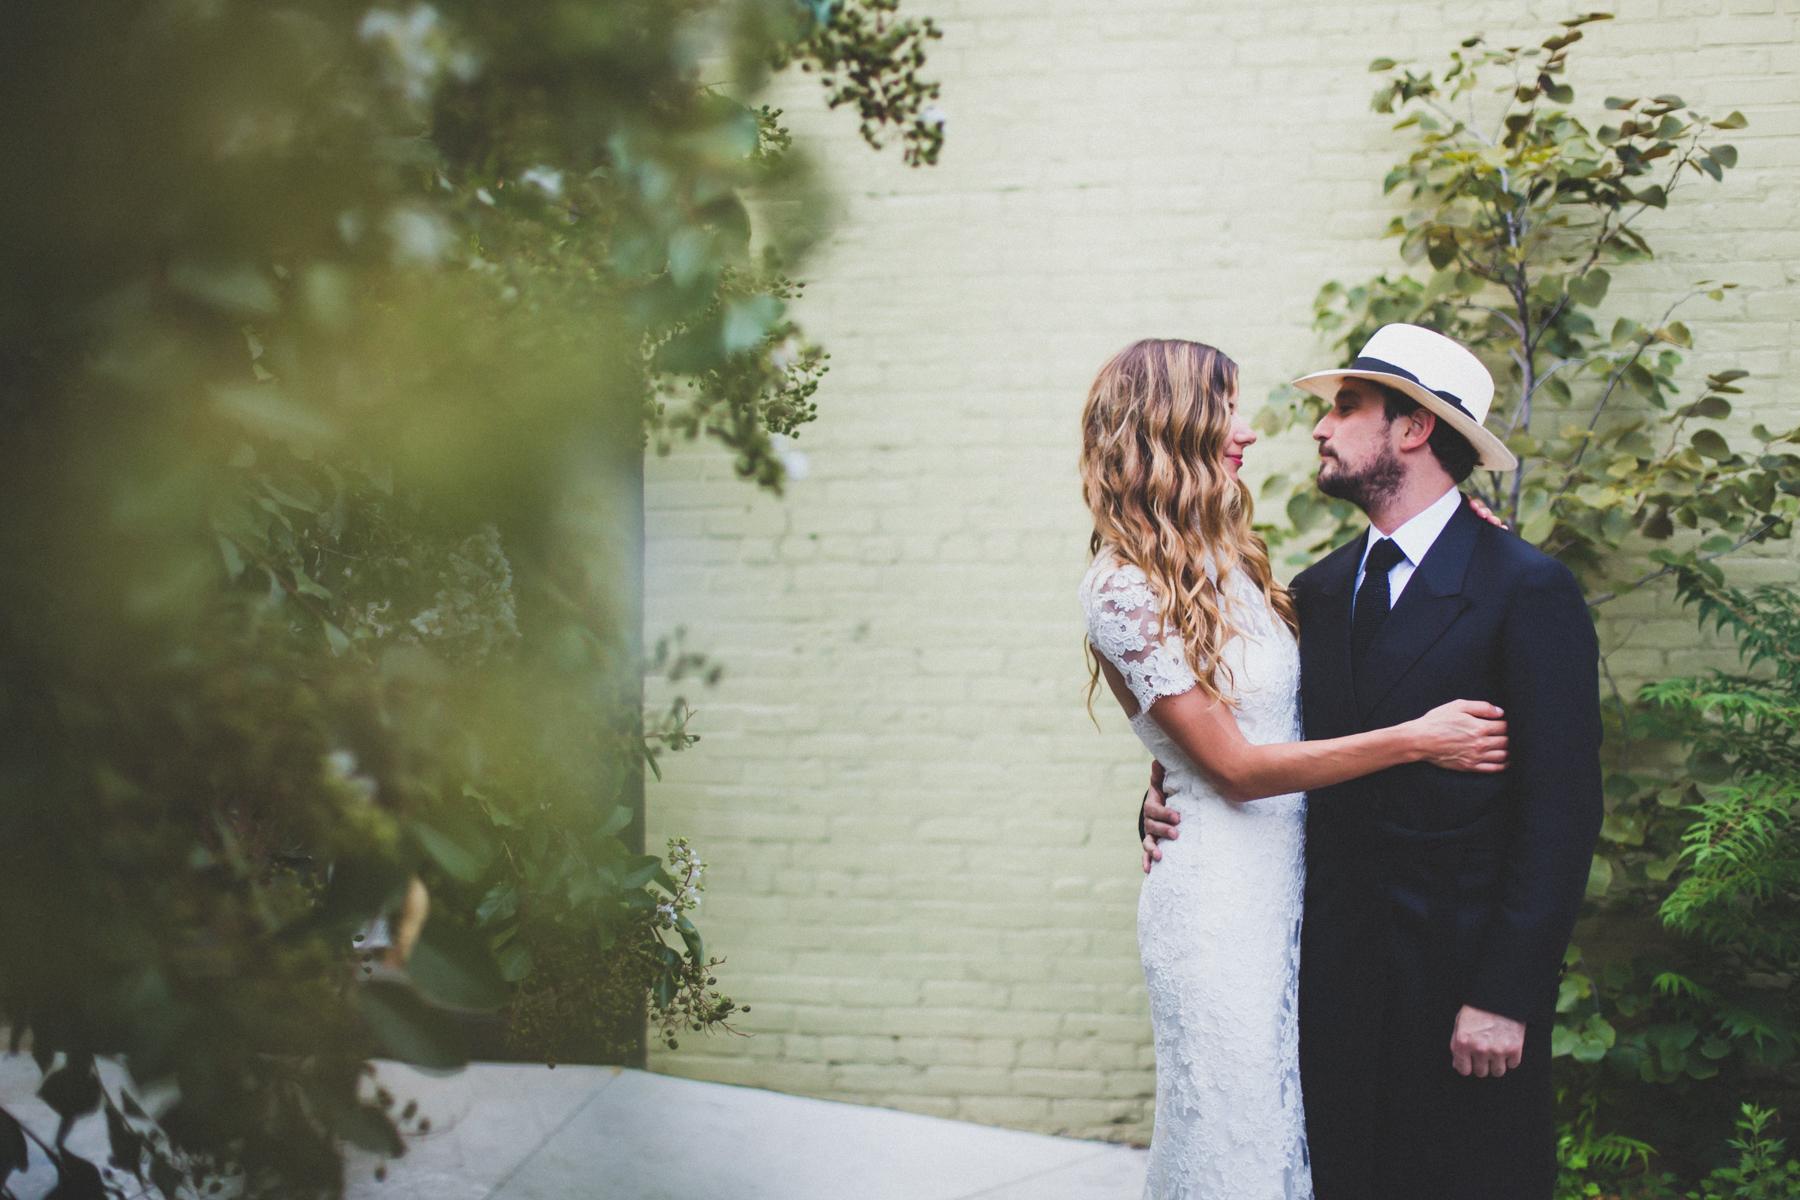 Wythe-Hotel-Green-Building-Brooklyn-Documentary-Wedding-Photography-86.jpg